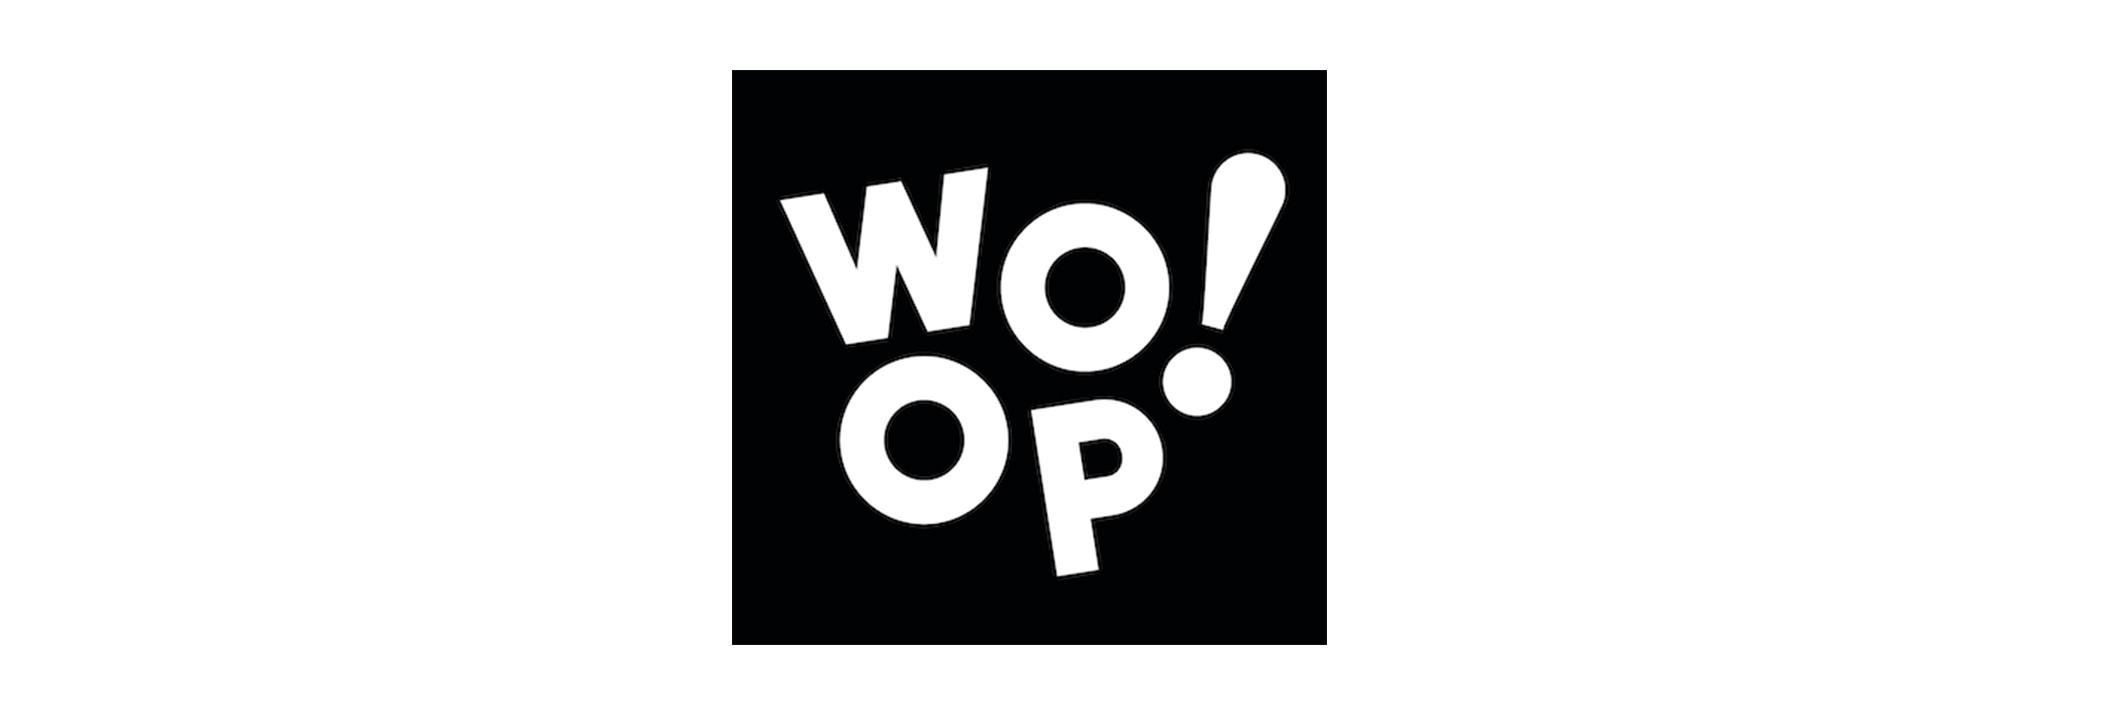 woops logo